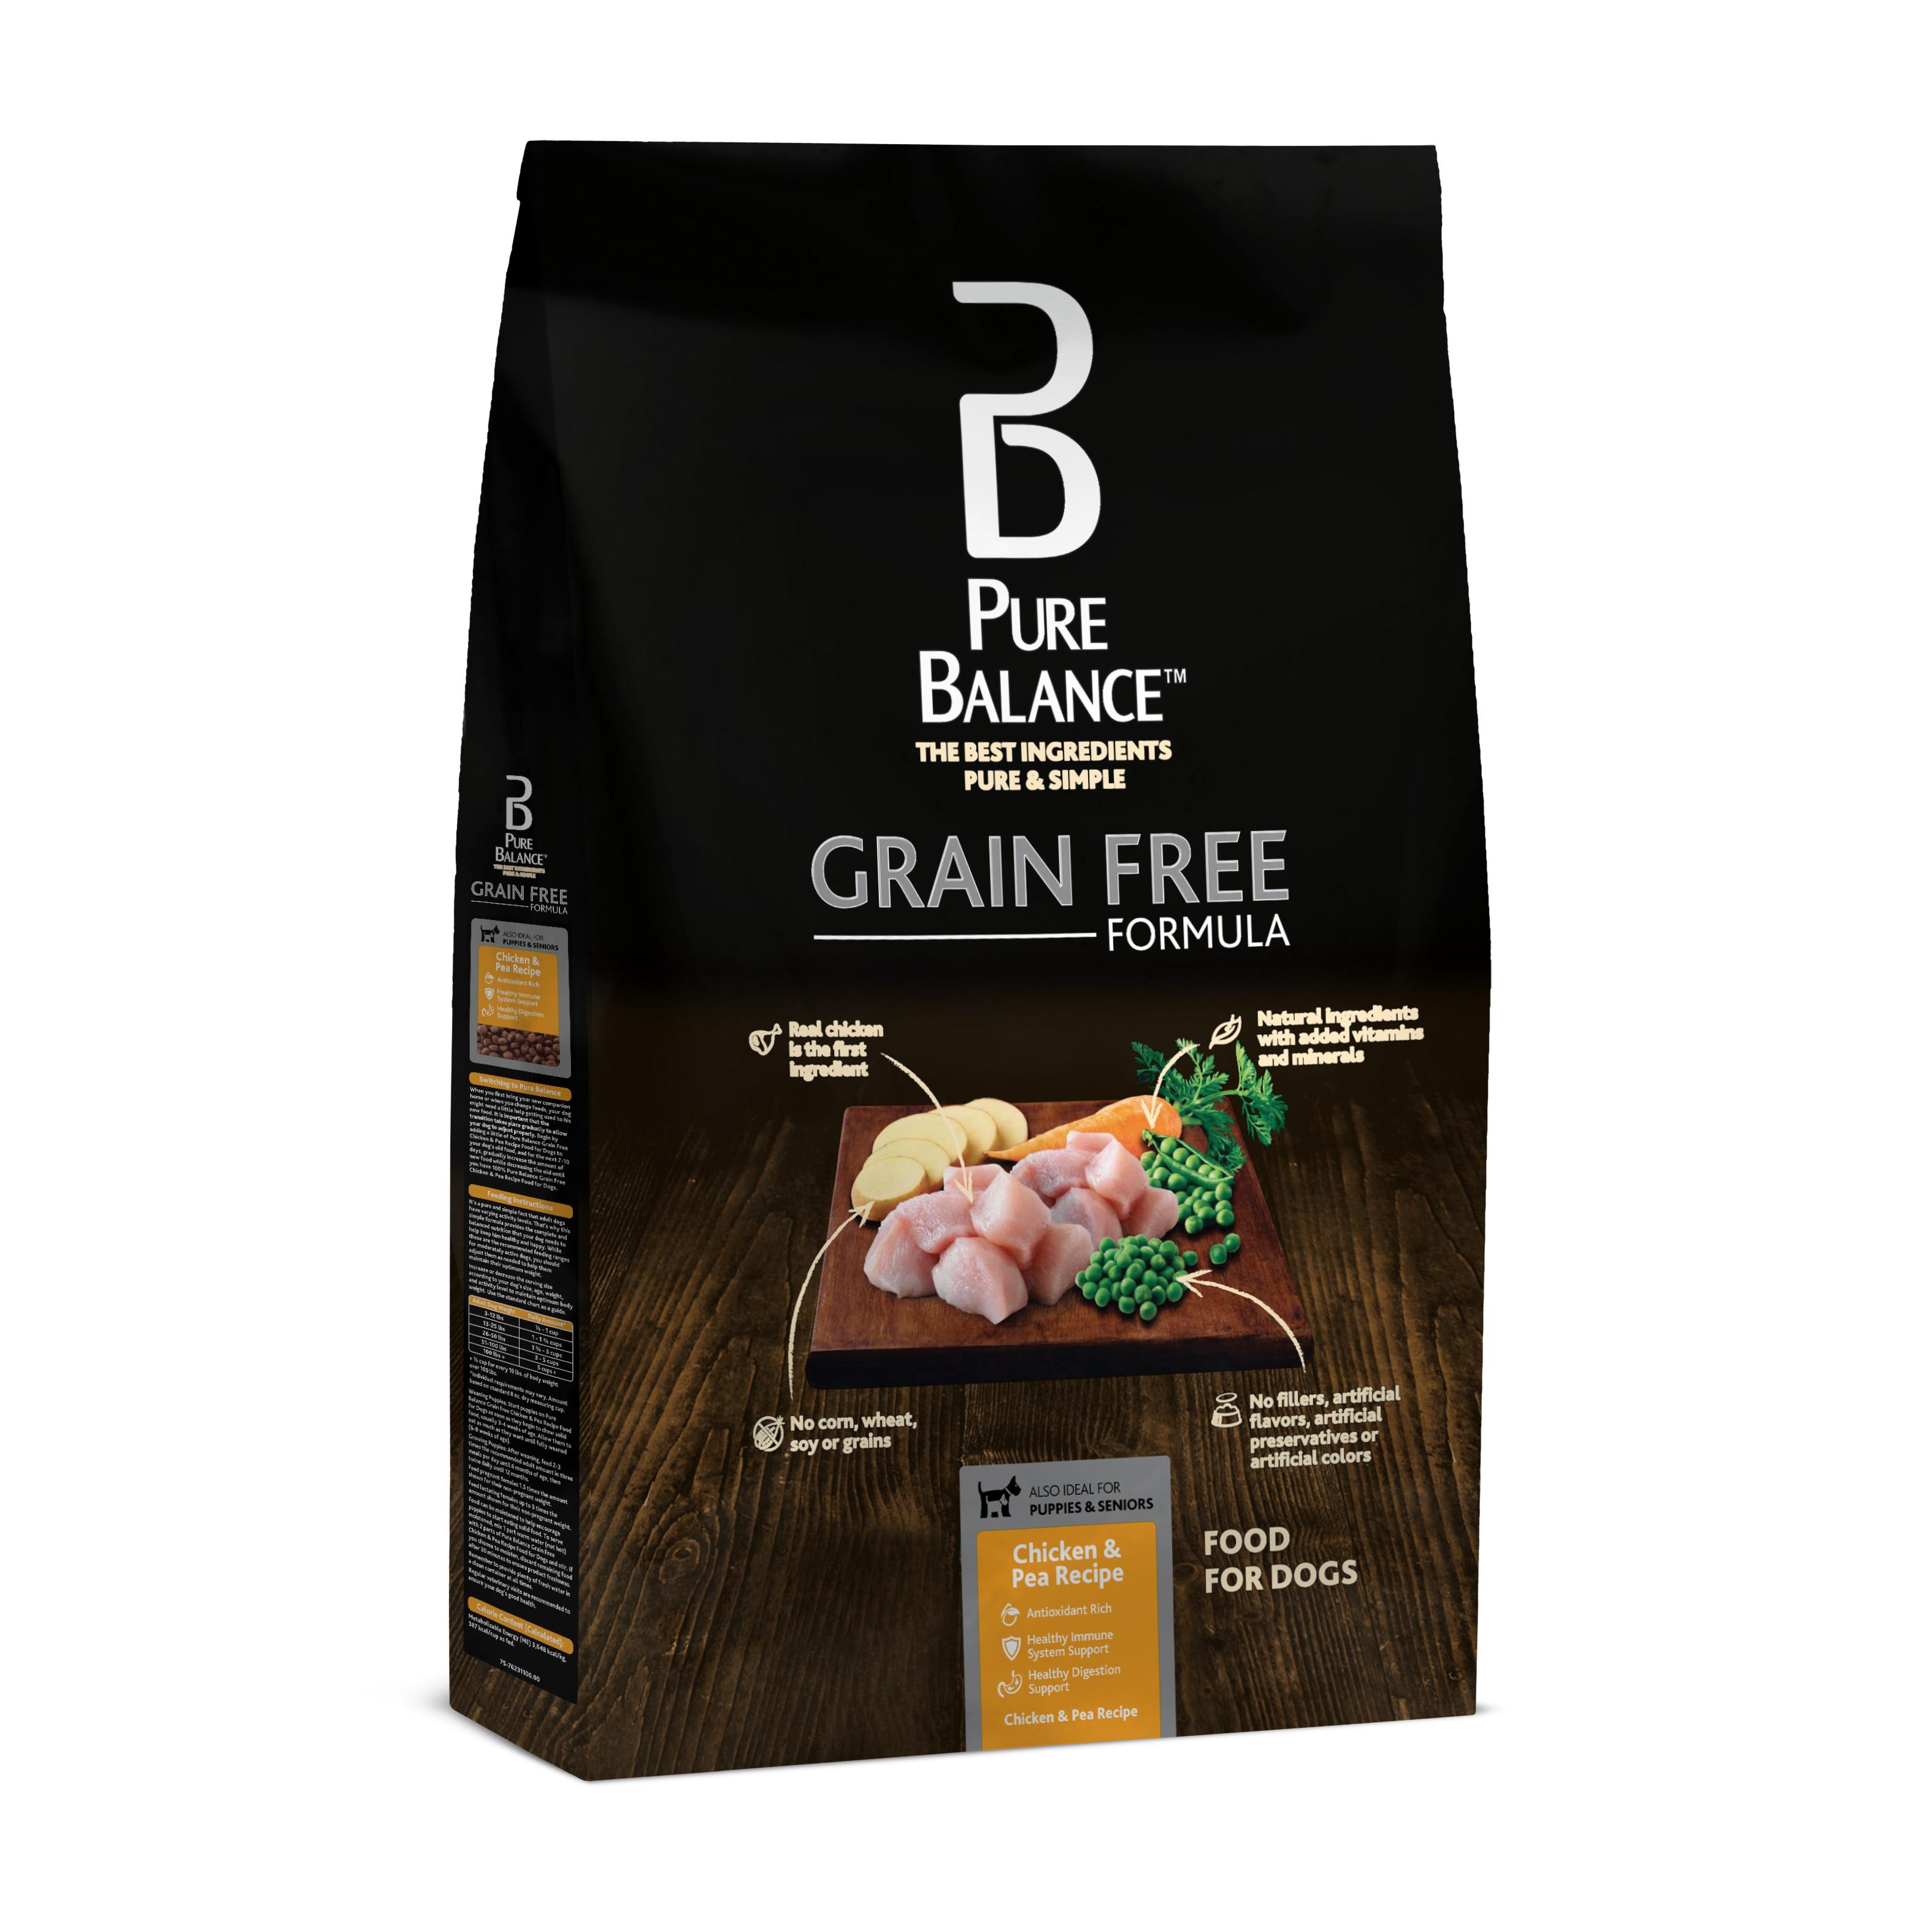 Pure Balance Grain Free Chicken & Pea Recipe Food for Dogs 4 lb